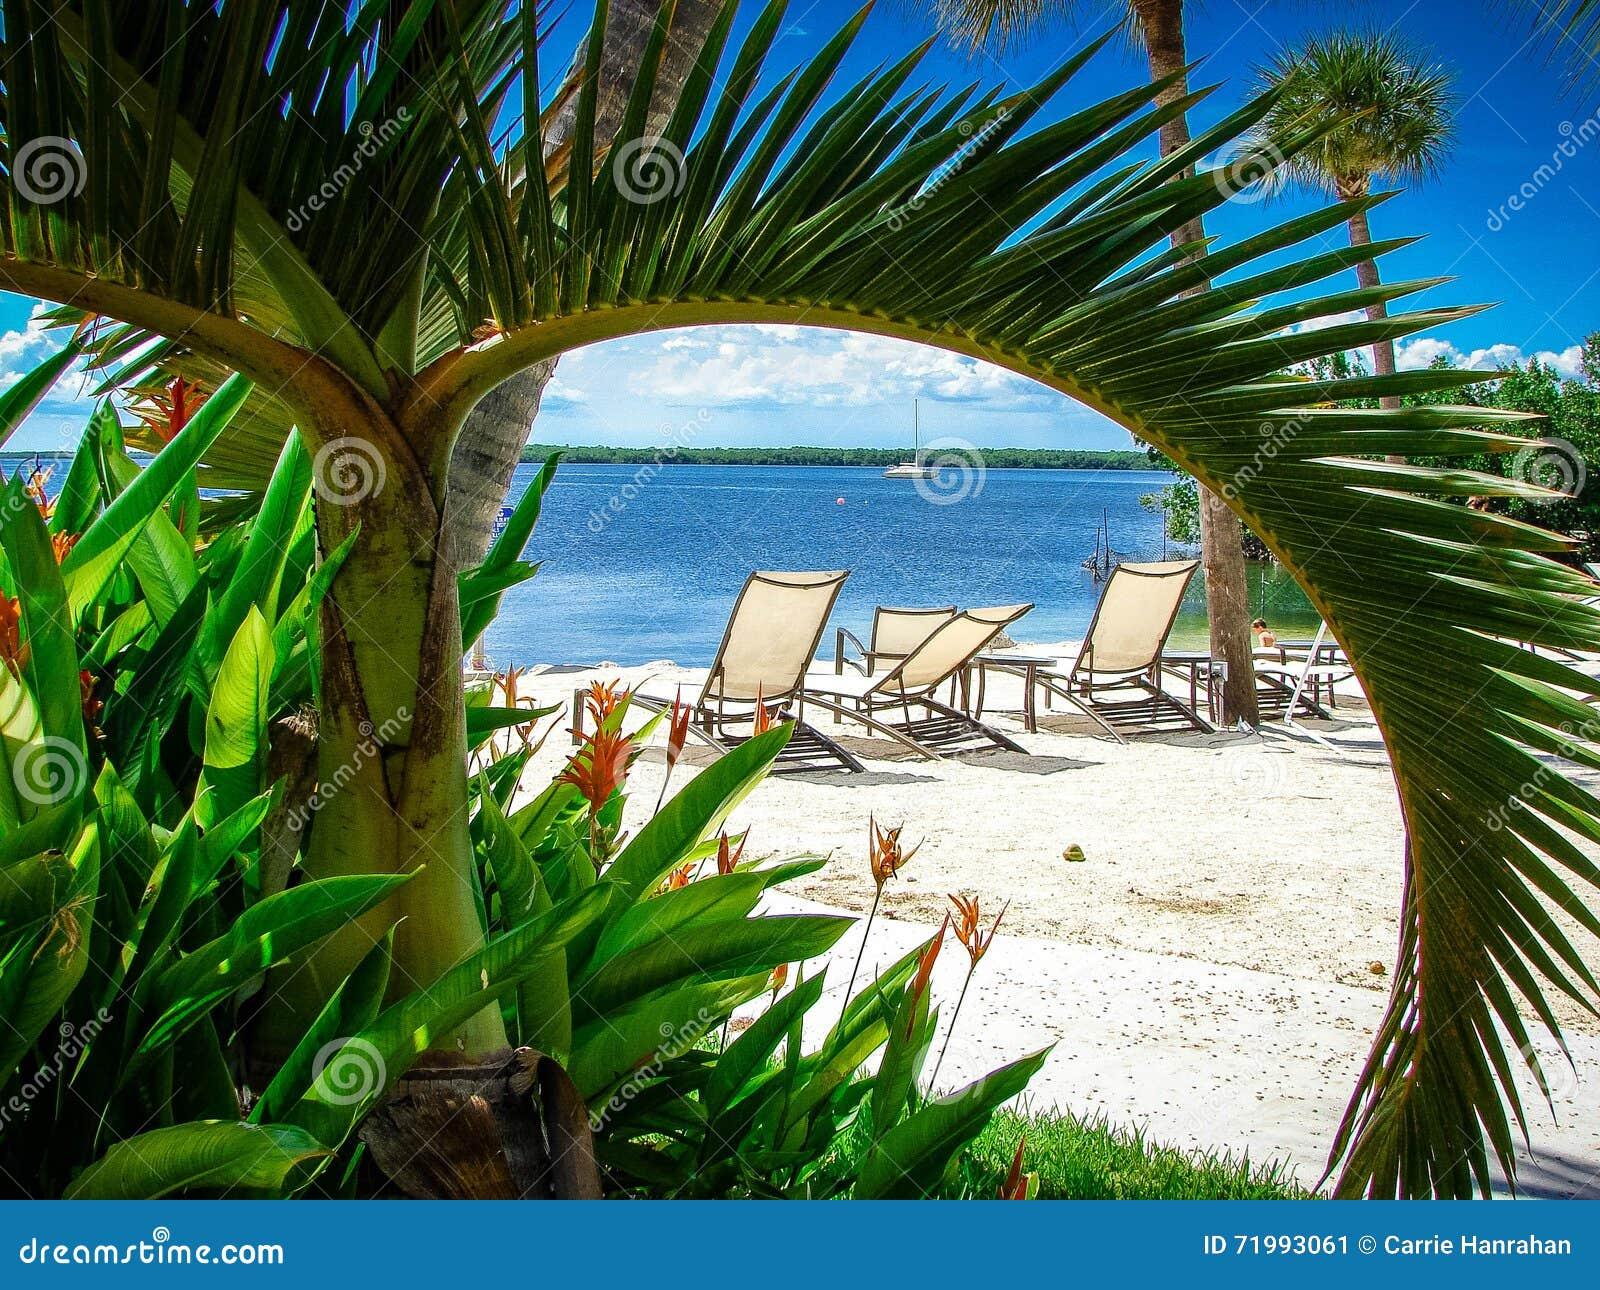 Asiento Tropical En Una Playa Enmarcada Por Una Palma Verde ...